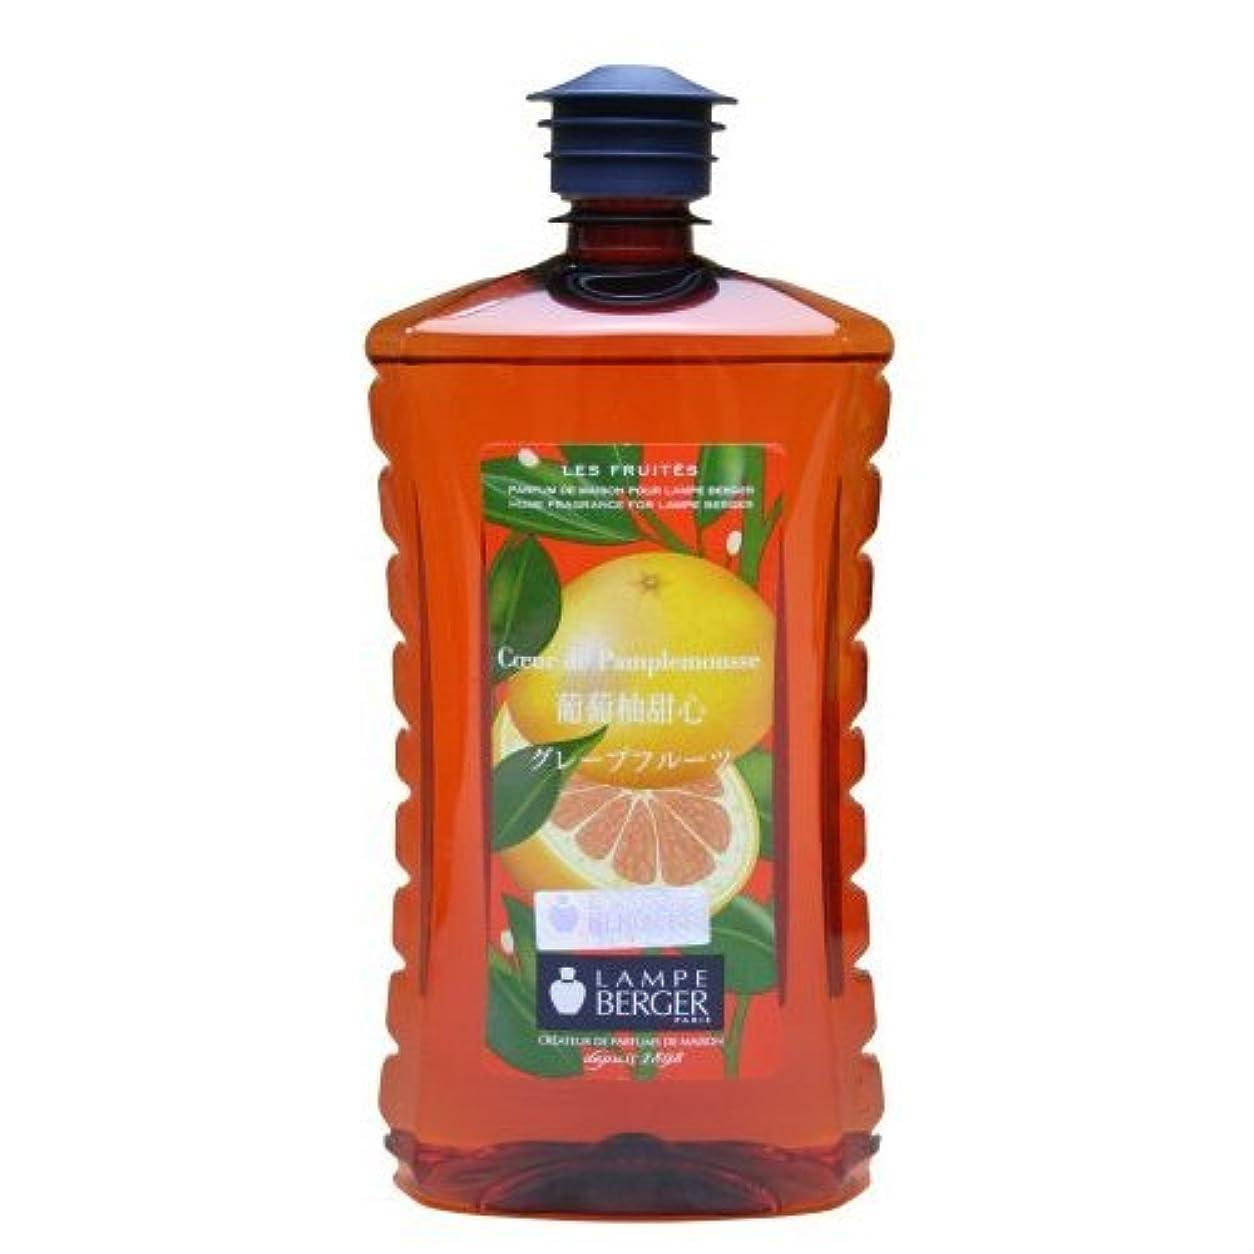 分類望みランプベルジェ アロマオイル[グレープフルーツ]1L